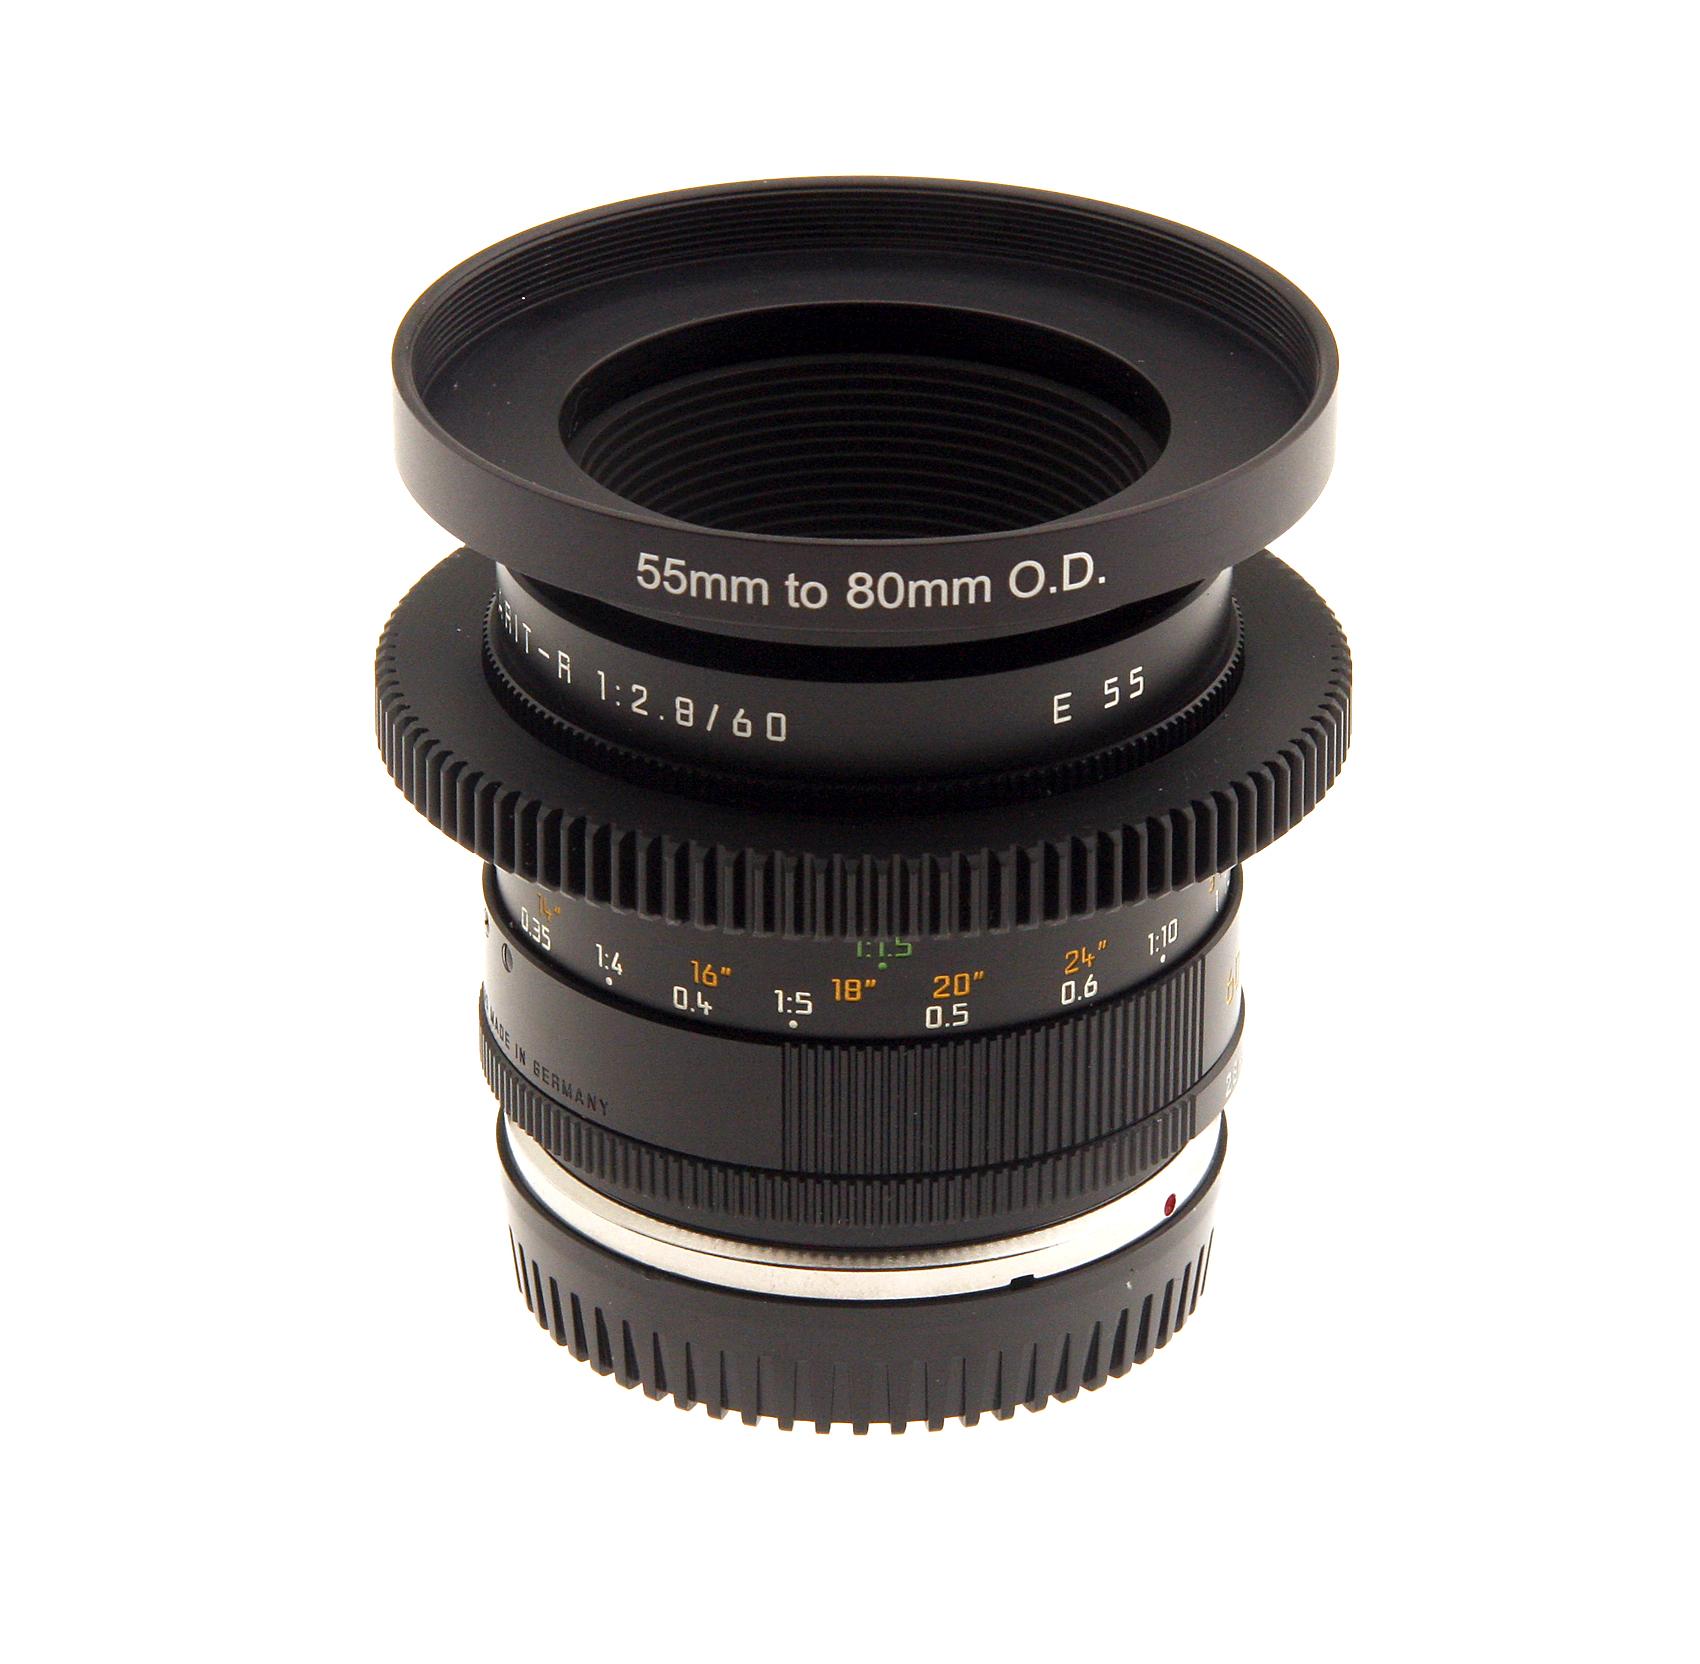 leica60mm_1.jpg